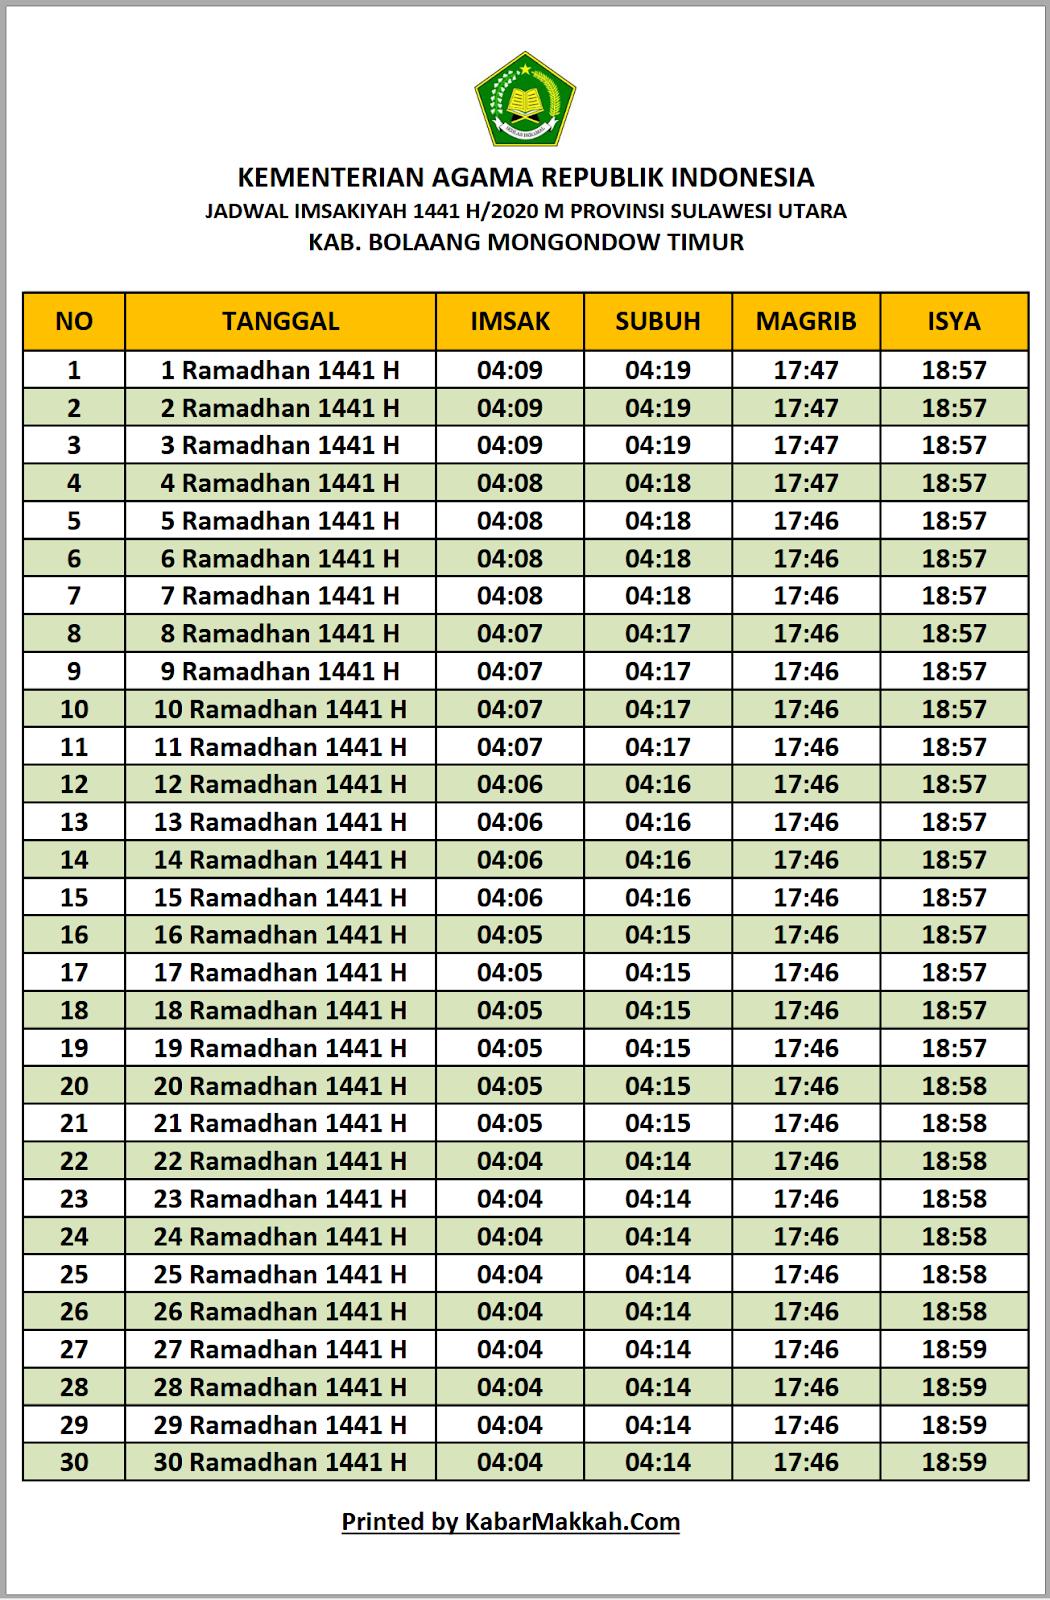 Jadwal Puasa Bolaang Mongondow Timur 2020